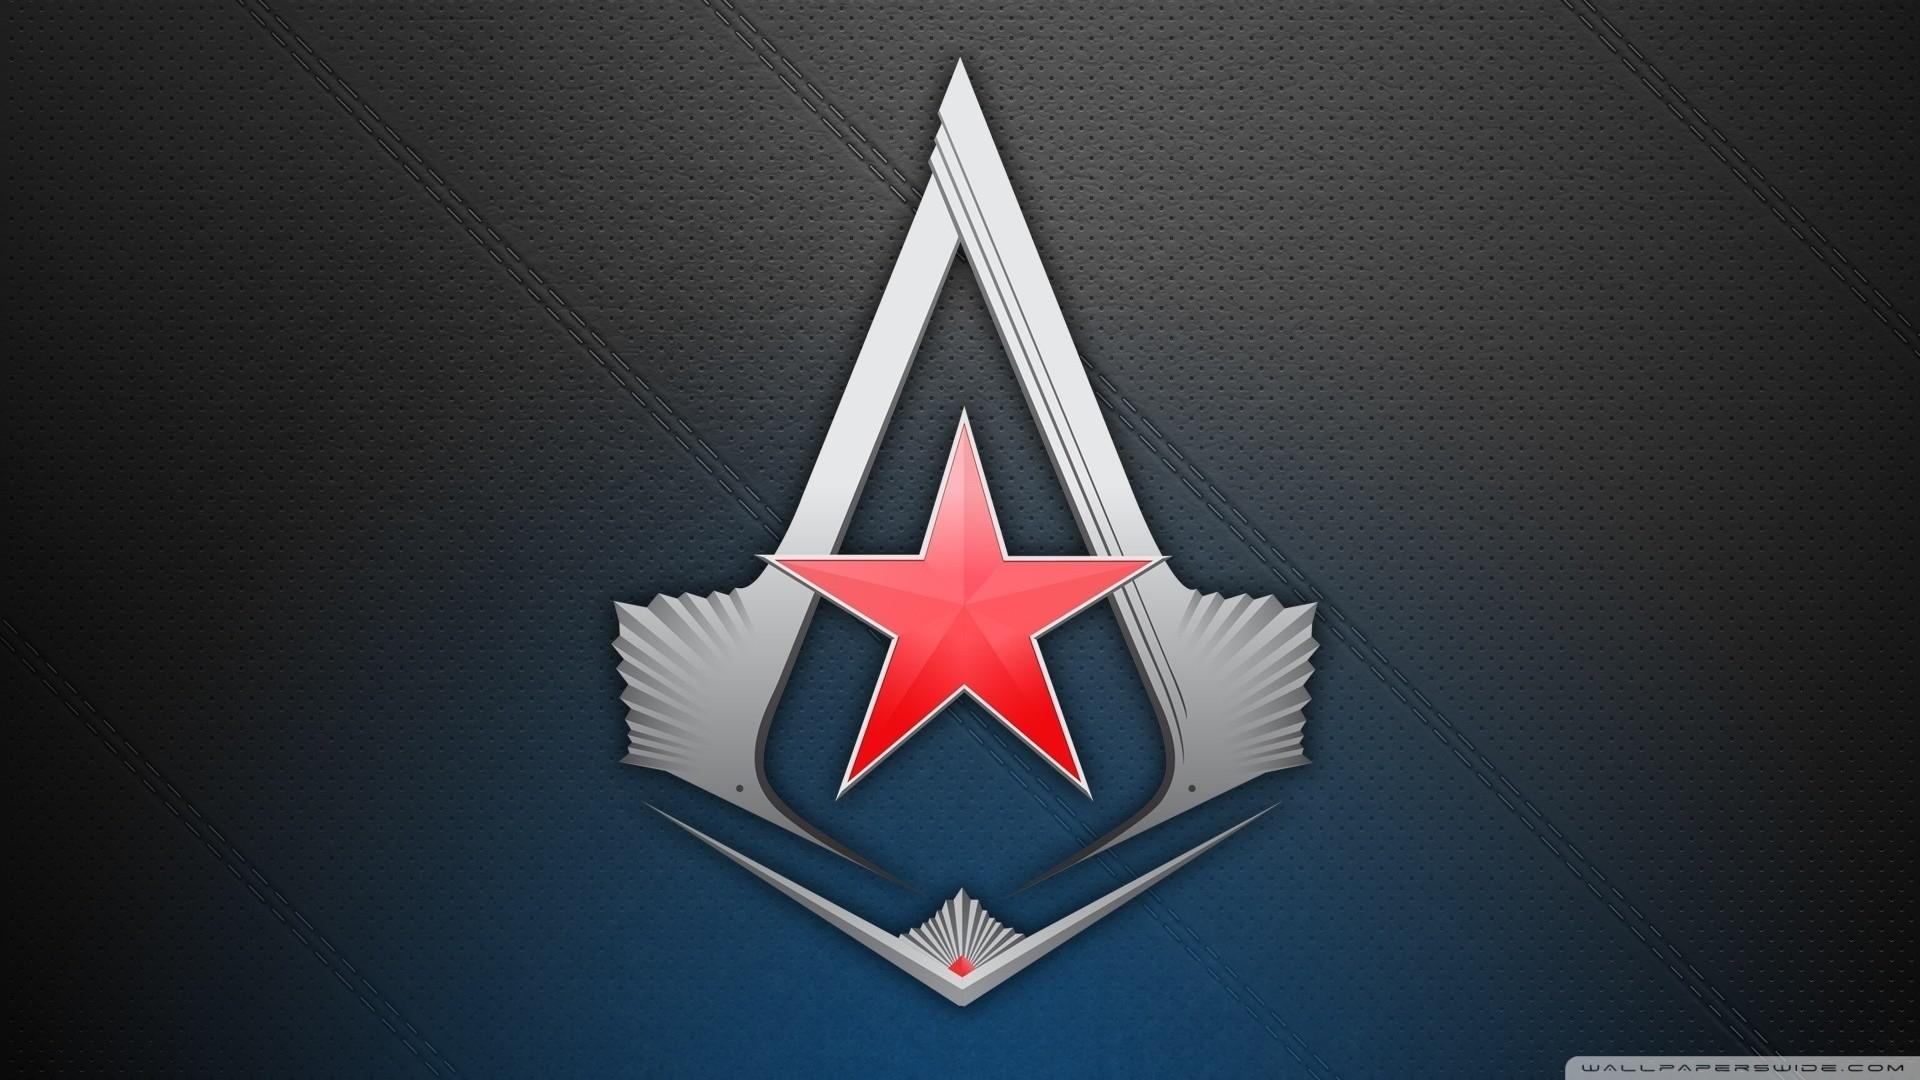 1920x1080 Assassins Creed HD Desktop Wallpaper Widescreen High